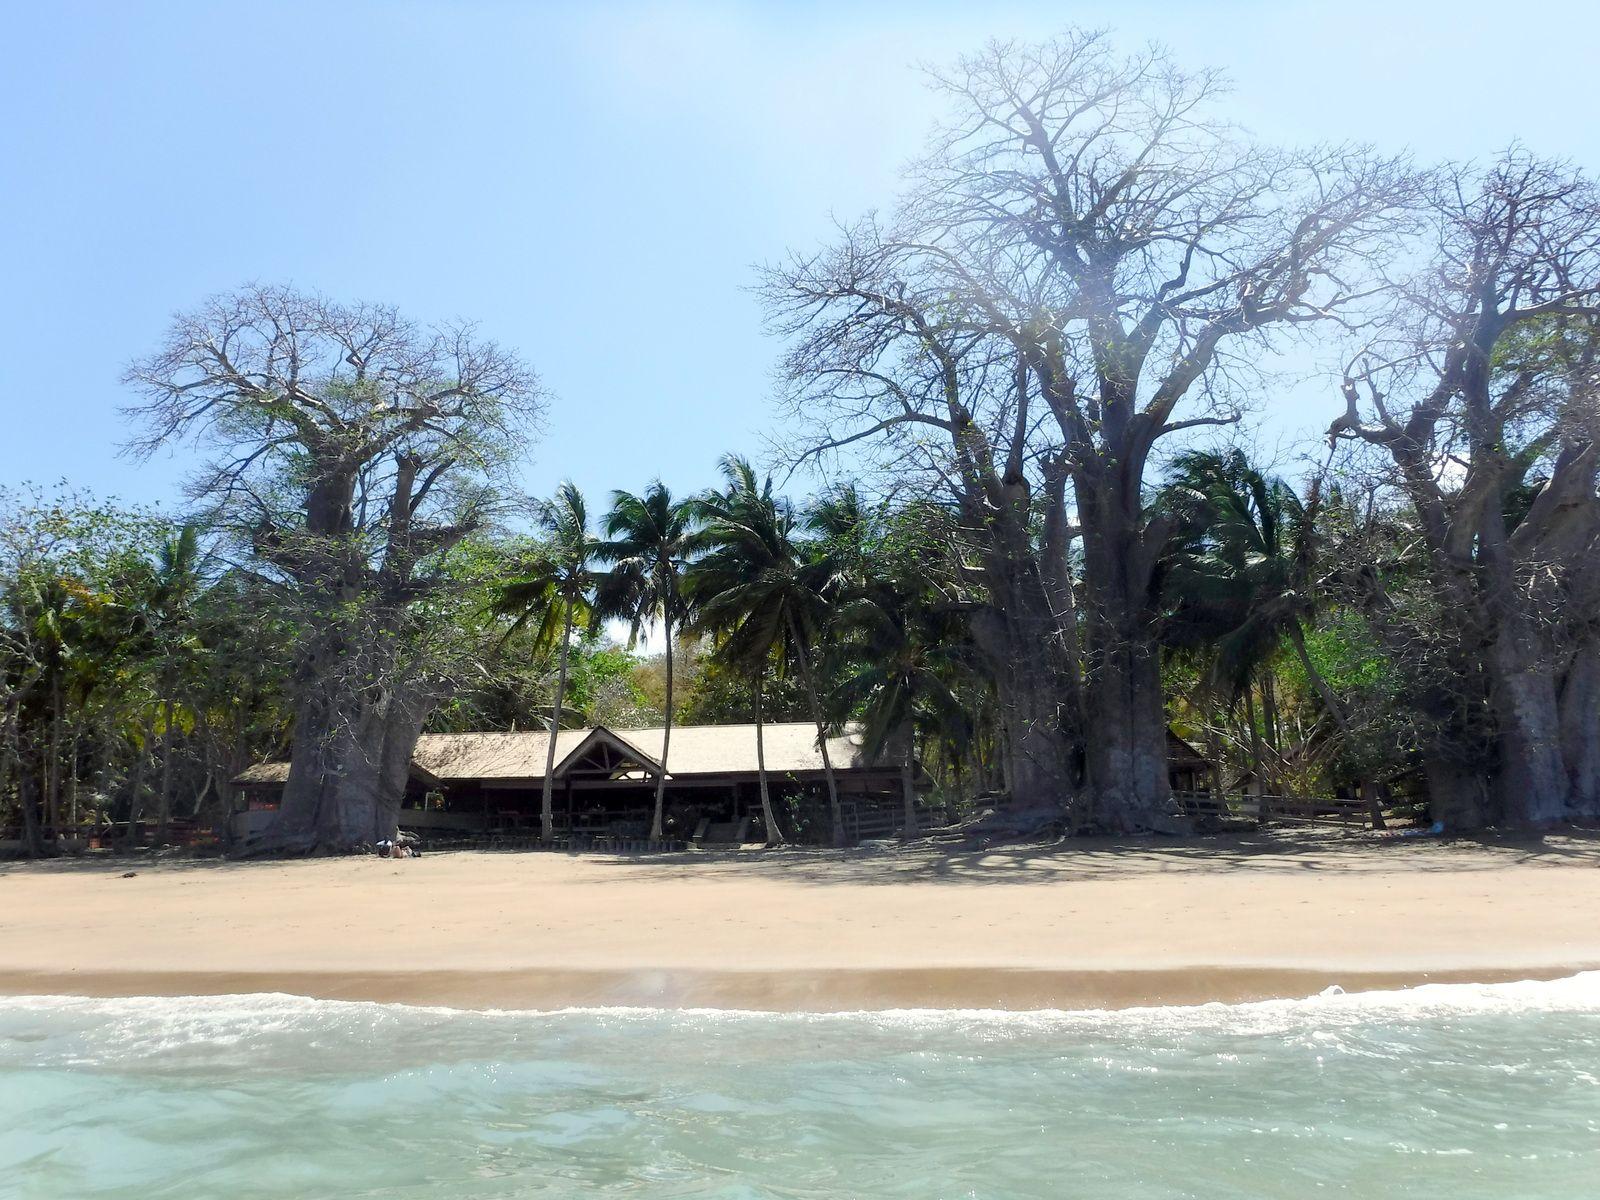 Le restaurant et les baobabs, photo Anaële